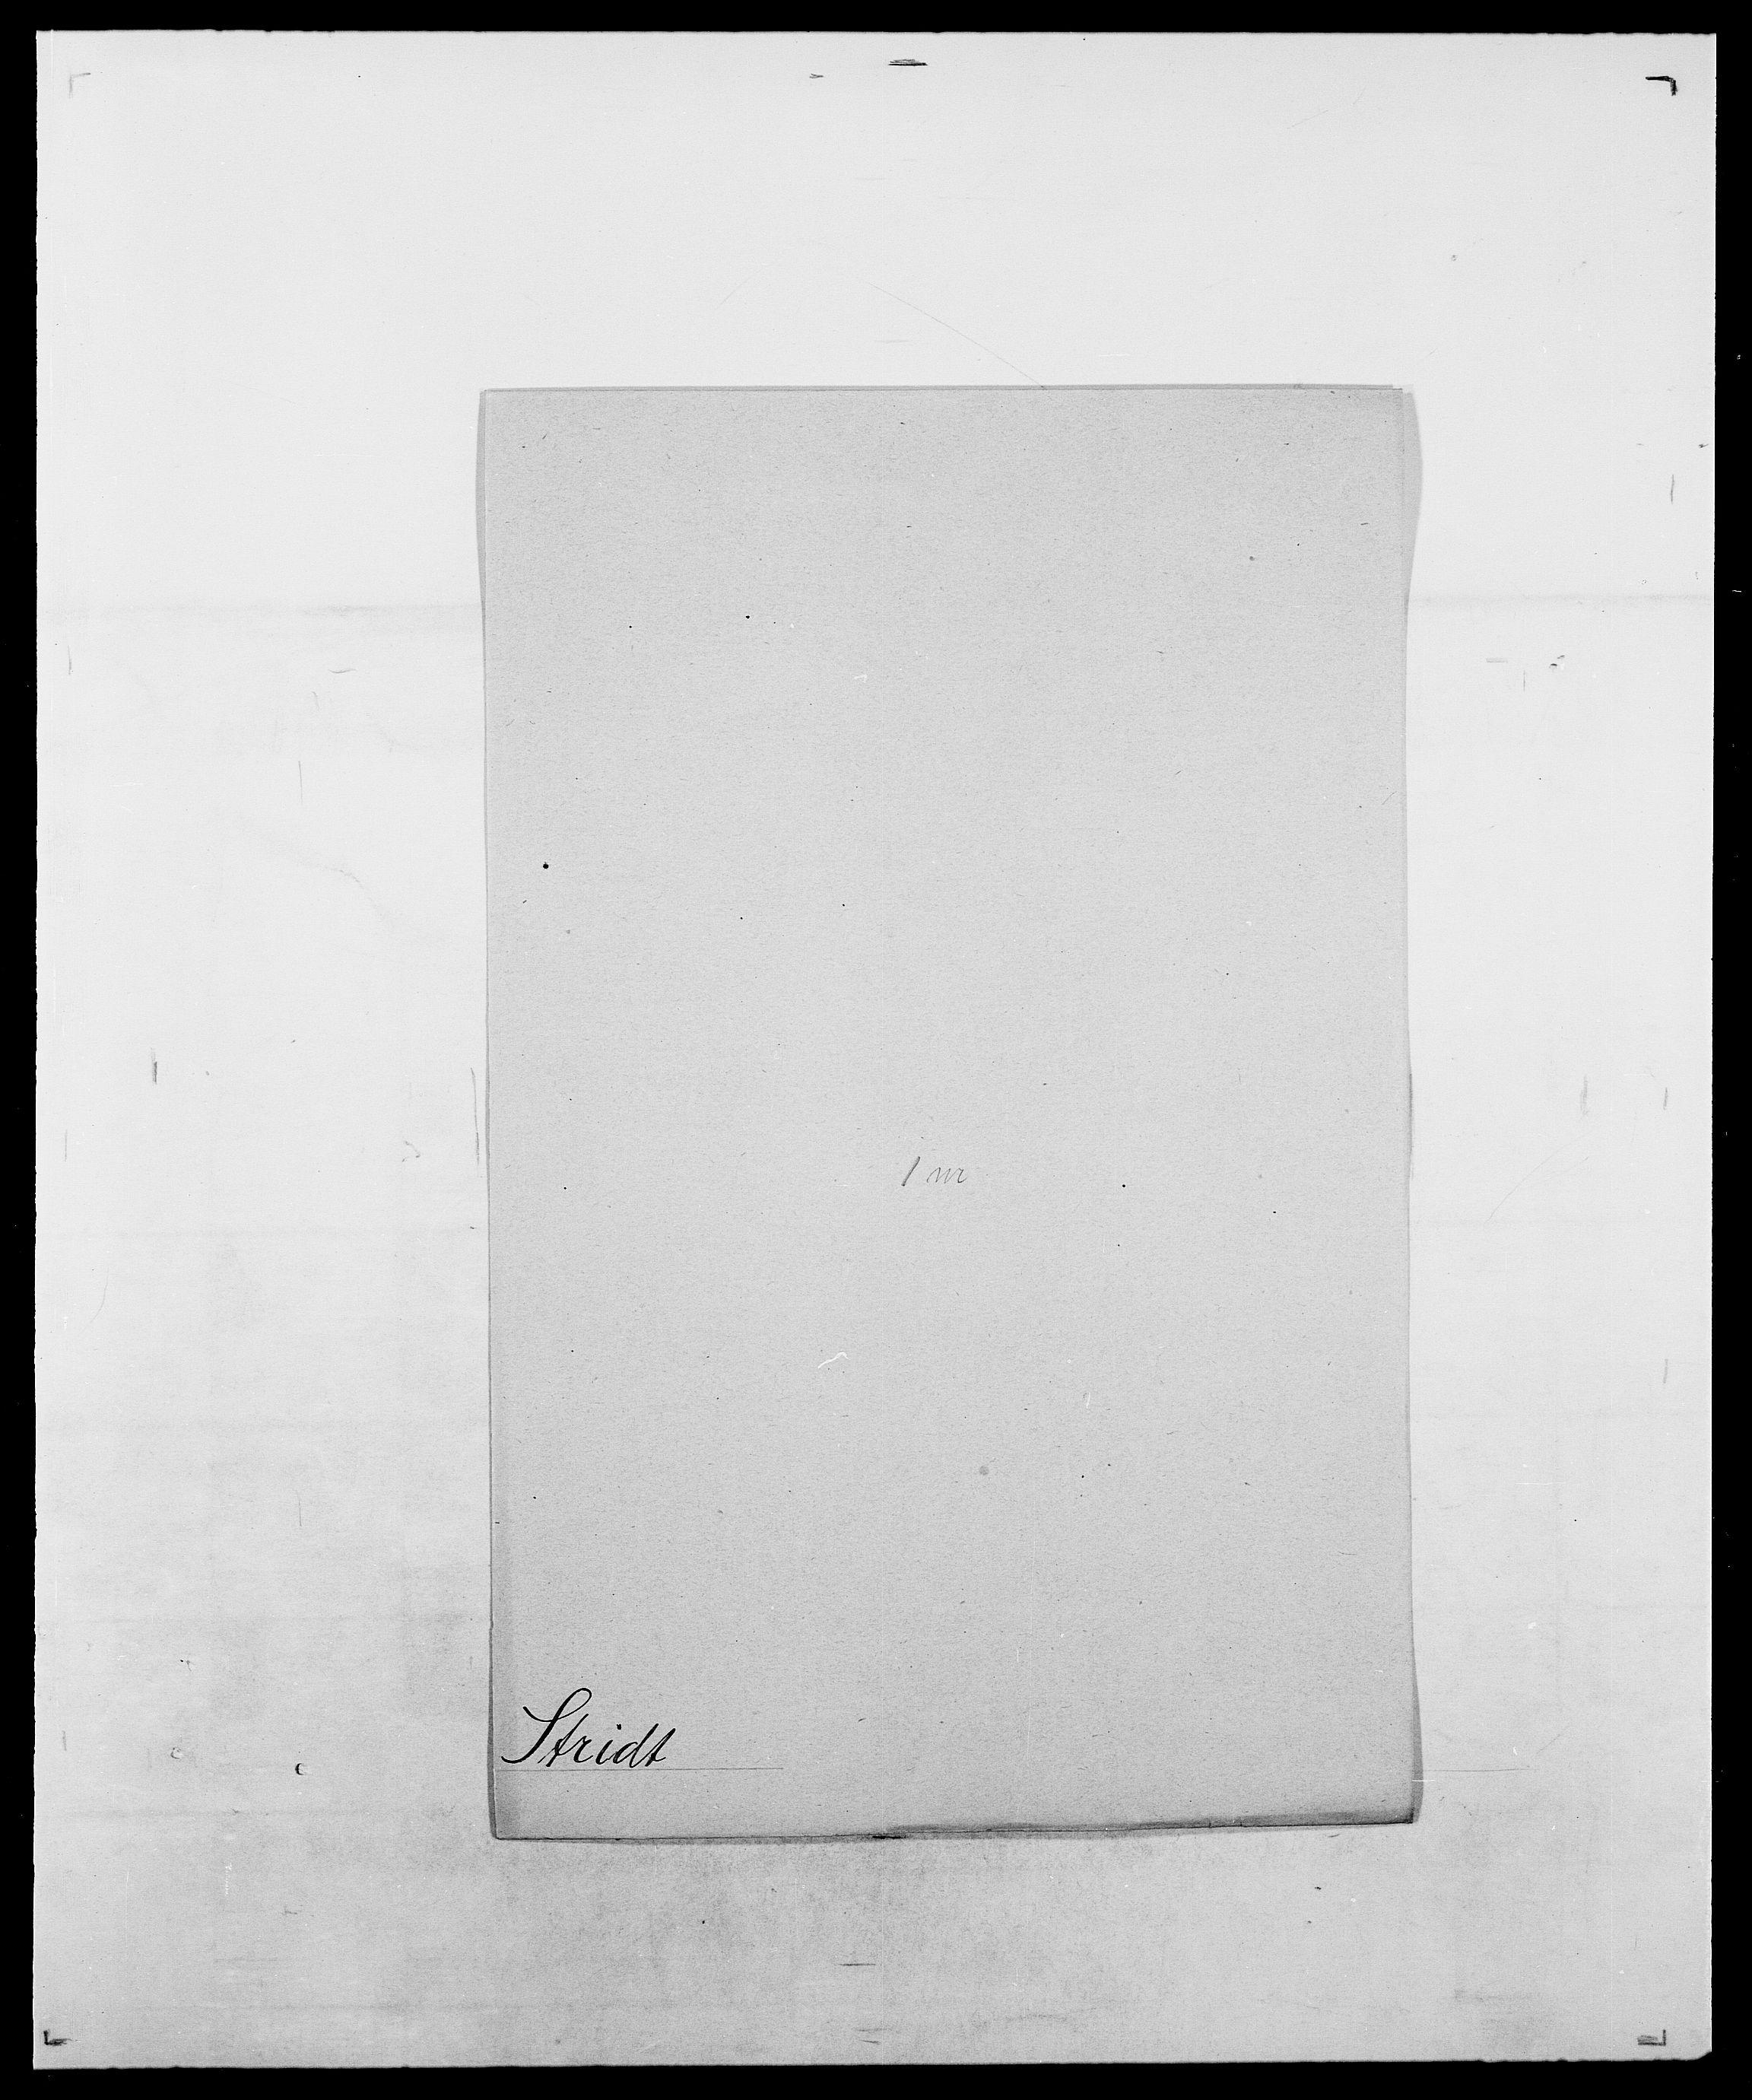 SAO, Delgobe, Charles Antoine - samling, D/Da/L0037: Steen, Sthen, Stein - Svare, Svanige, Svanne, se også Svanning og Schwane, s. 609